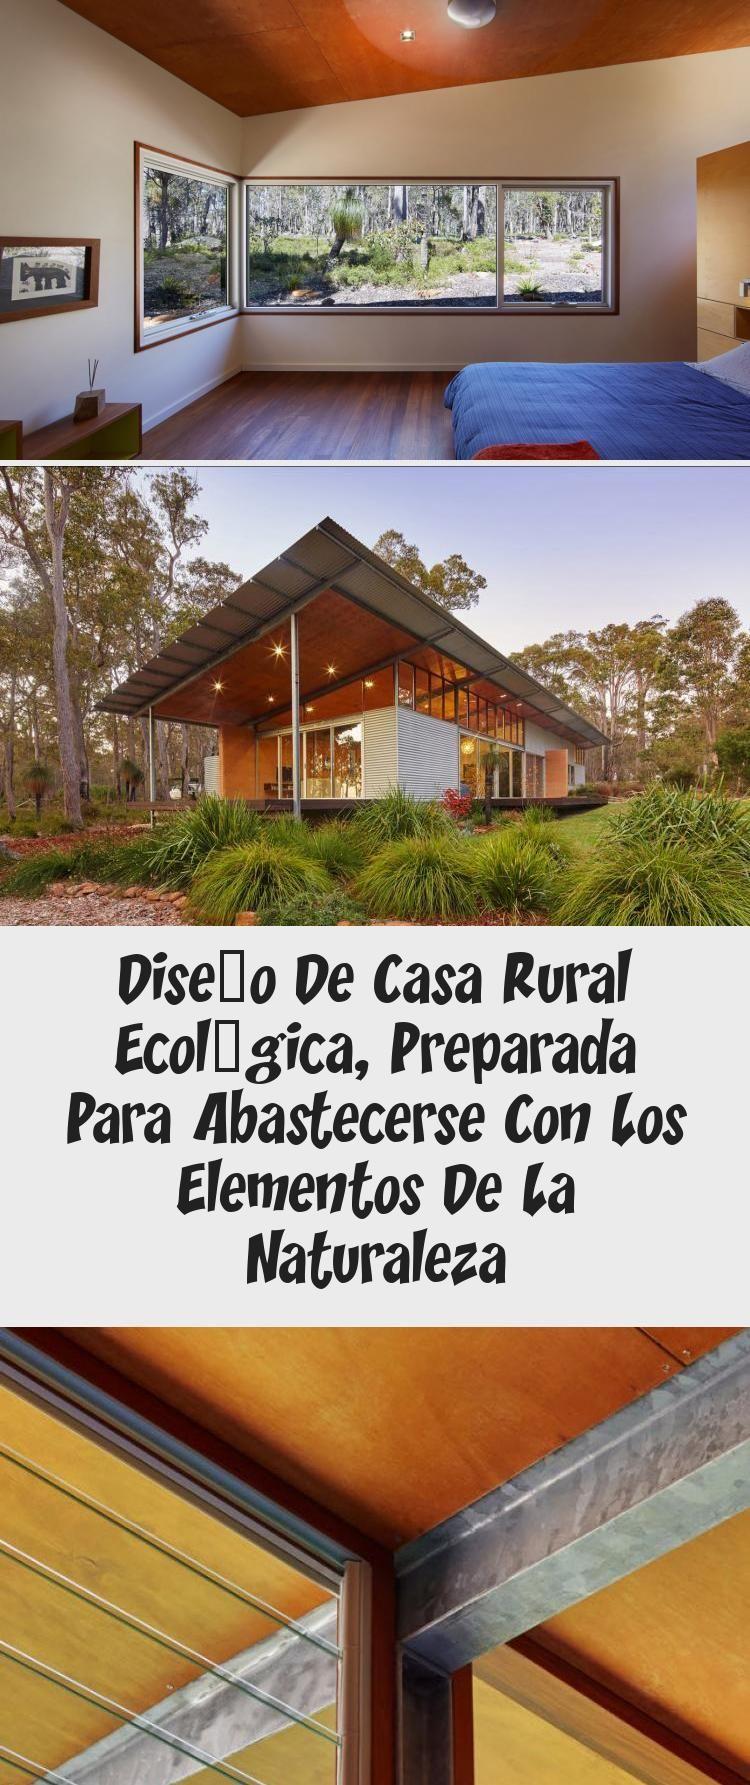 Diseno De Casa Rural Ecologica Preparada Para Abastecerse Con Los